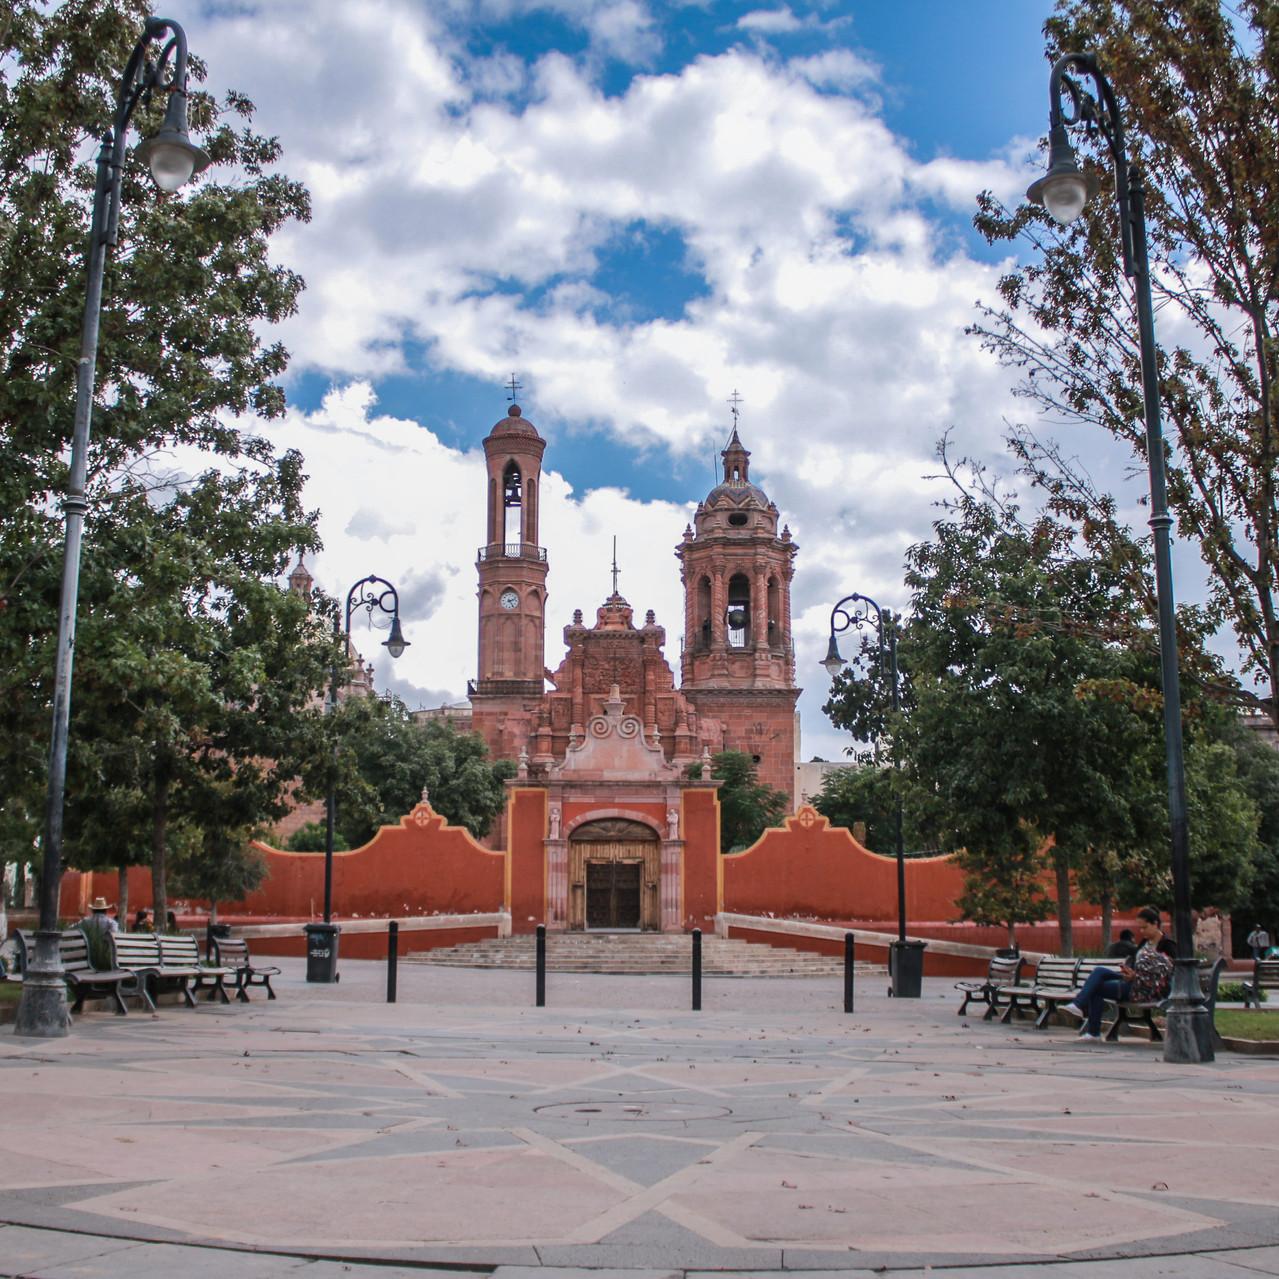 Guadalupe, Zac (9)